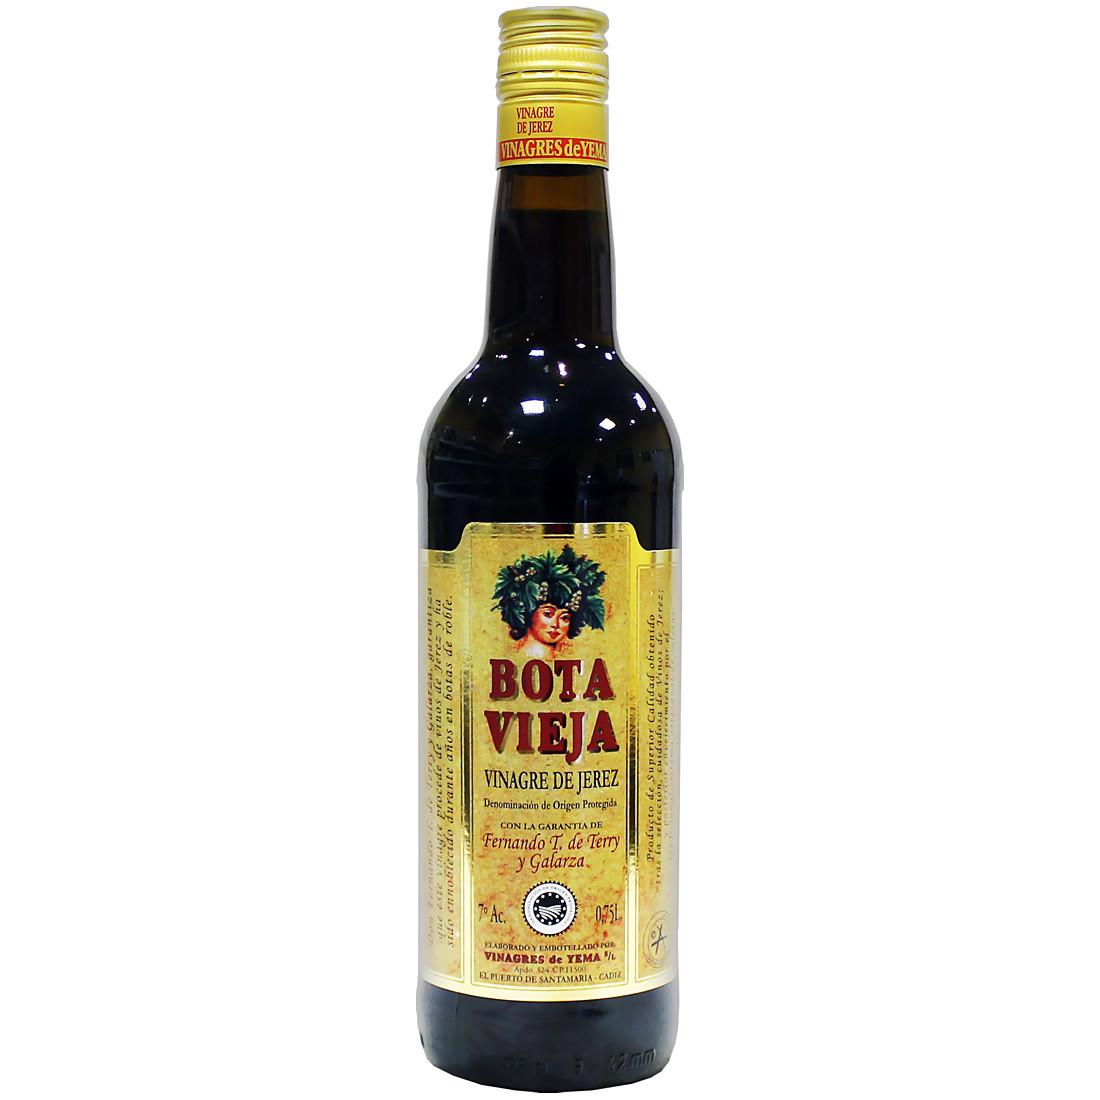 Уксус из хереса (DOP Reserva) БОТА ВЬЕХА, хересная бутылка 750мл